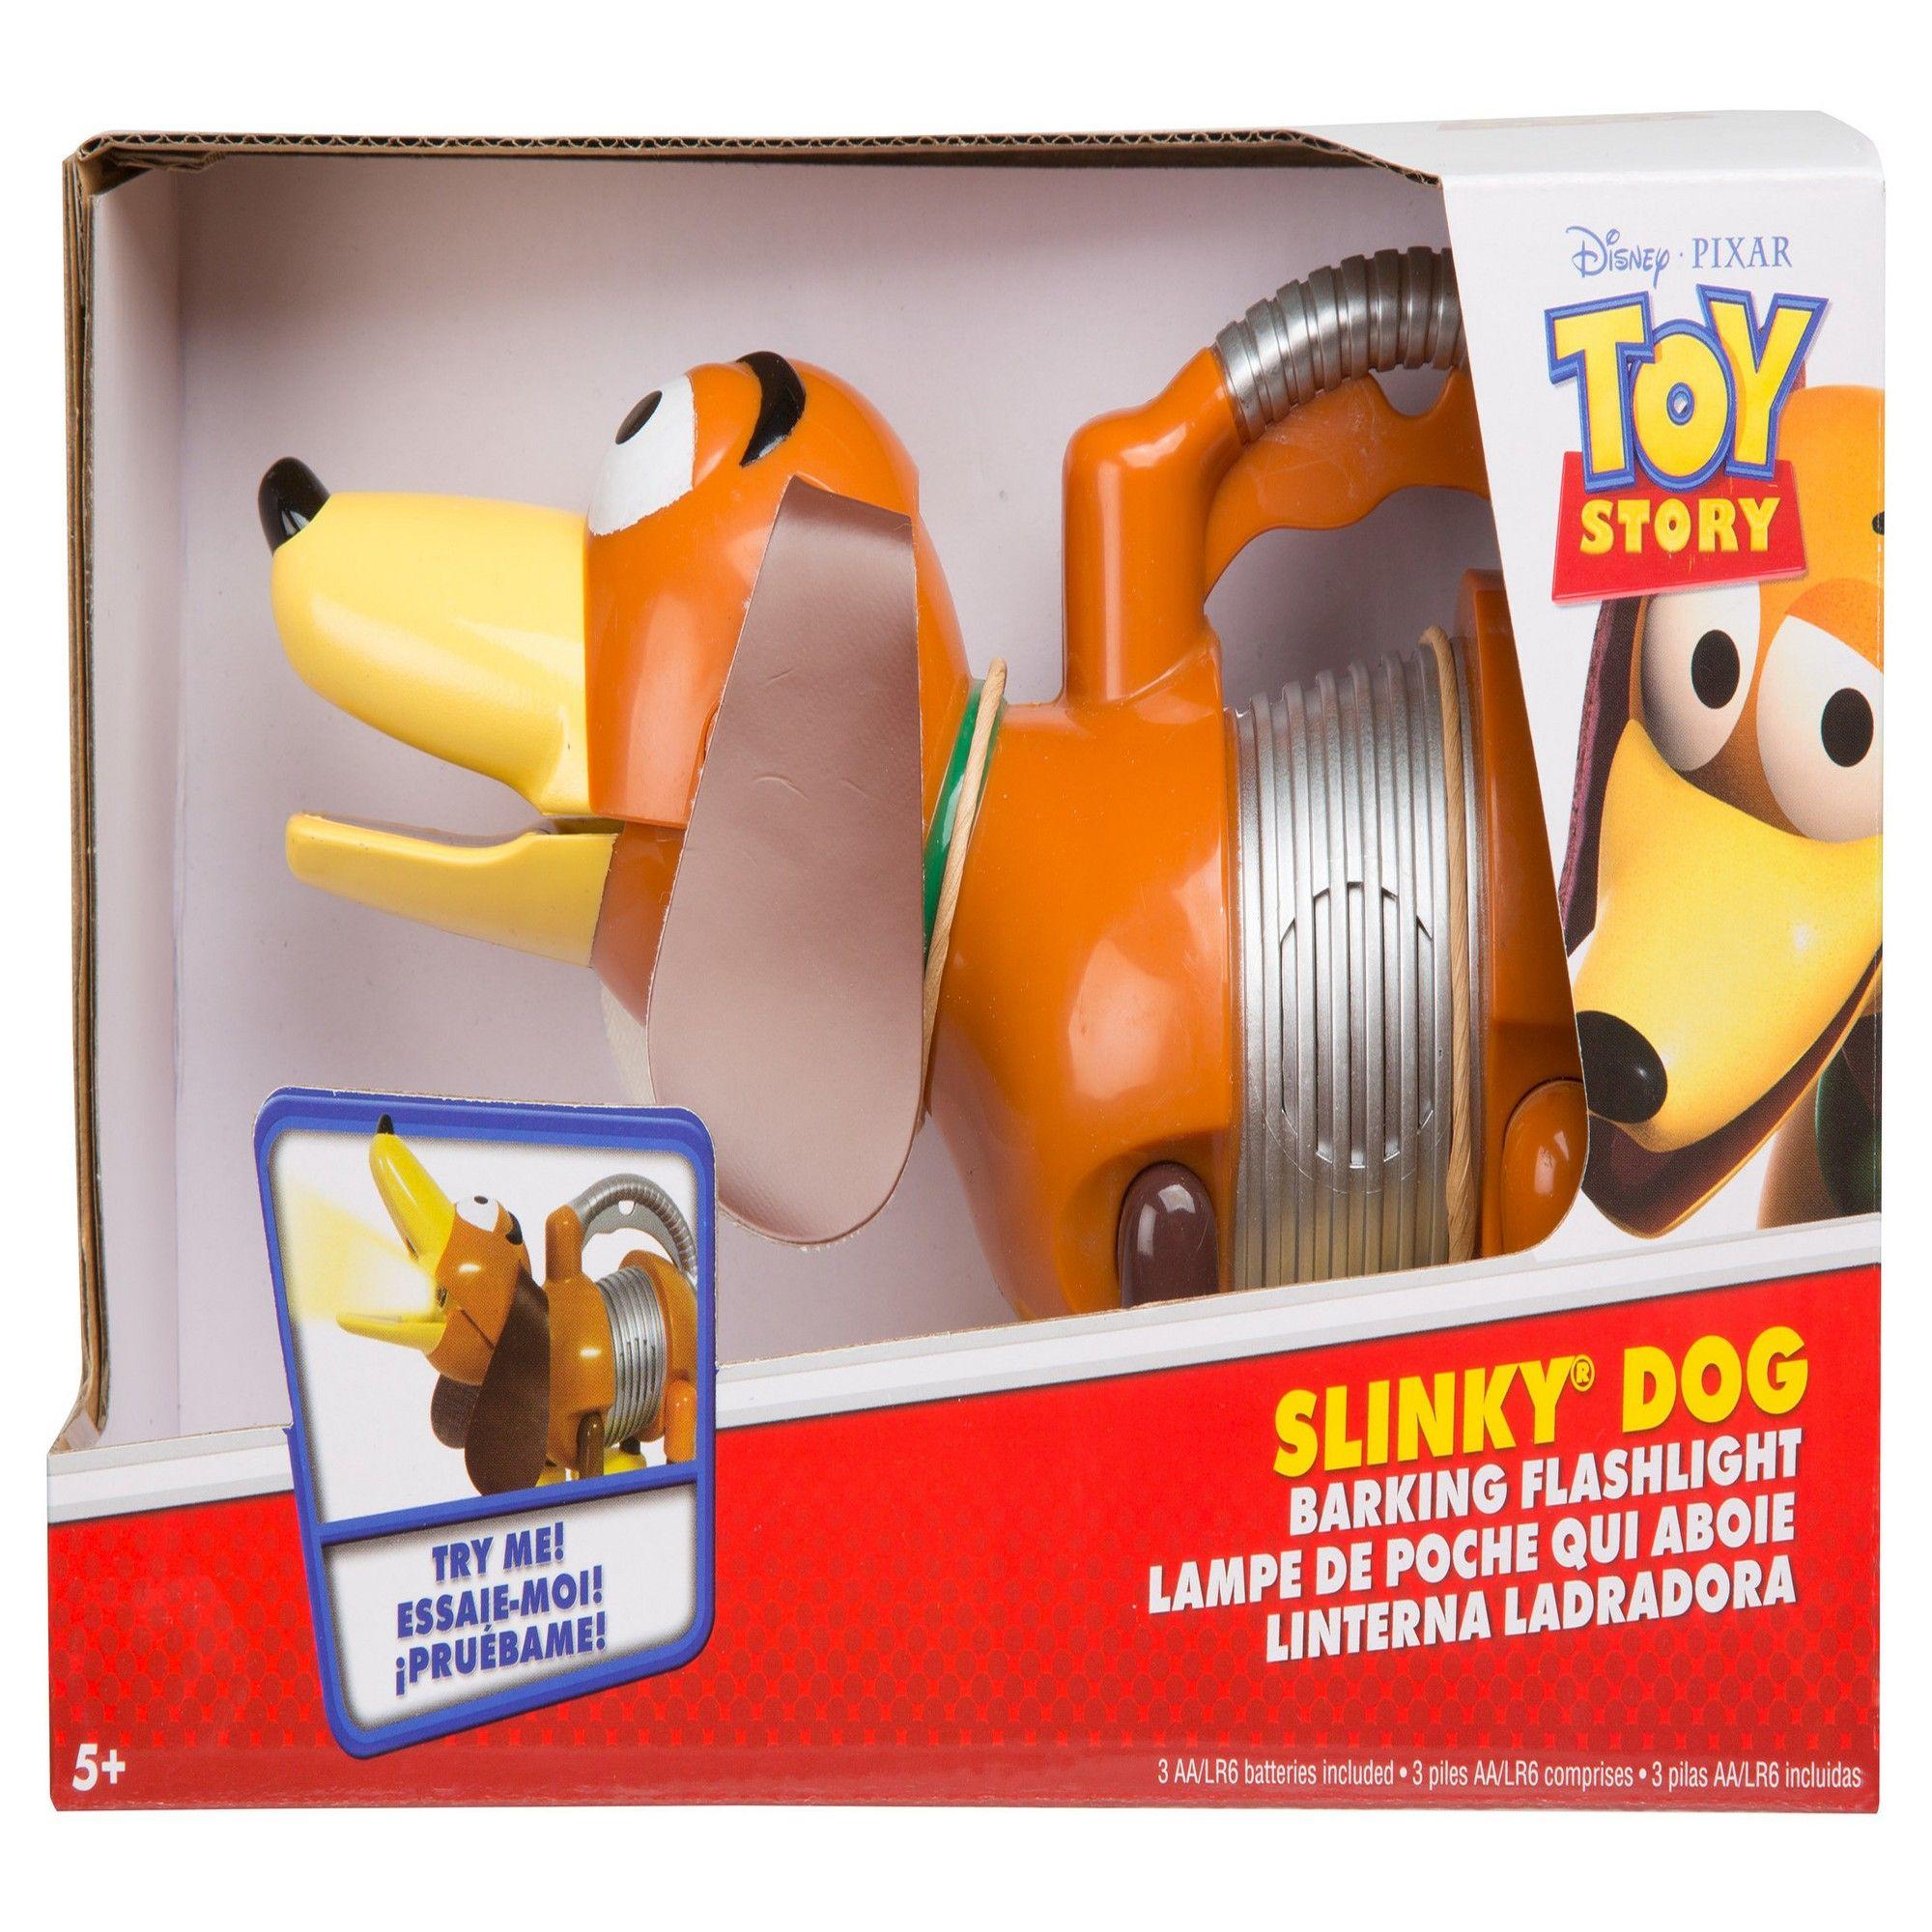 Disney Pixar Toy Story Slinky Dog Barking Flashlight Toy Story